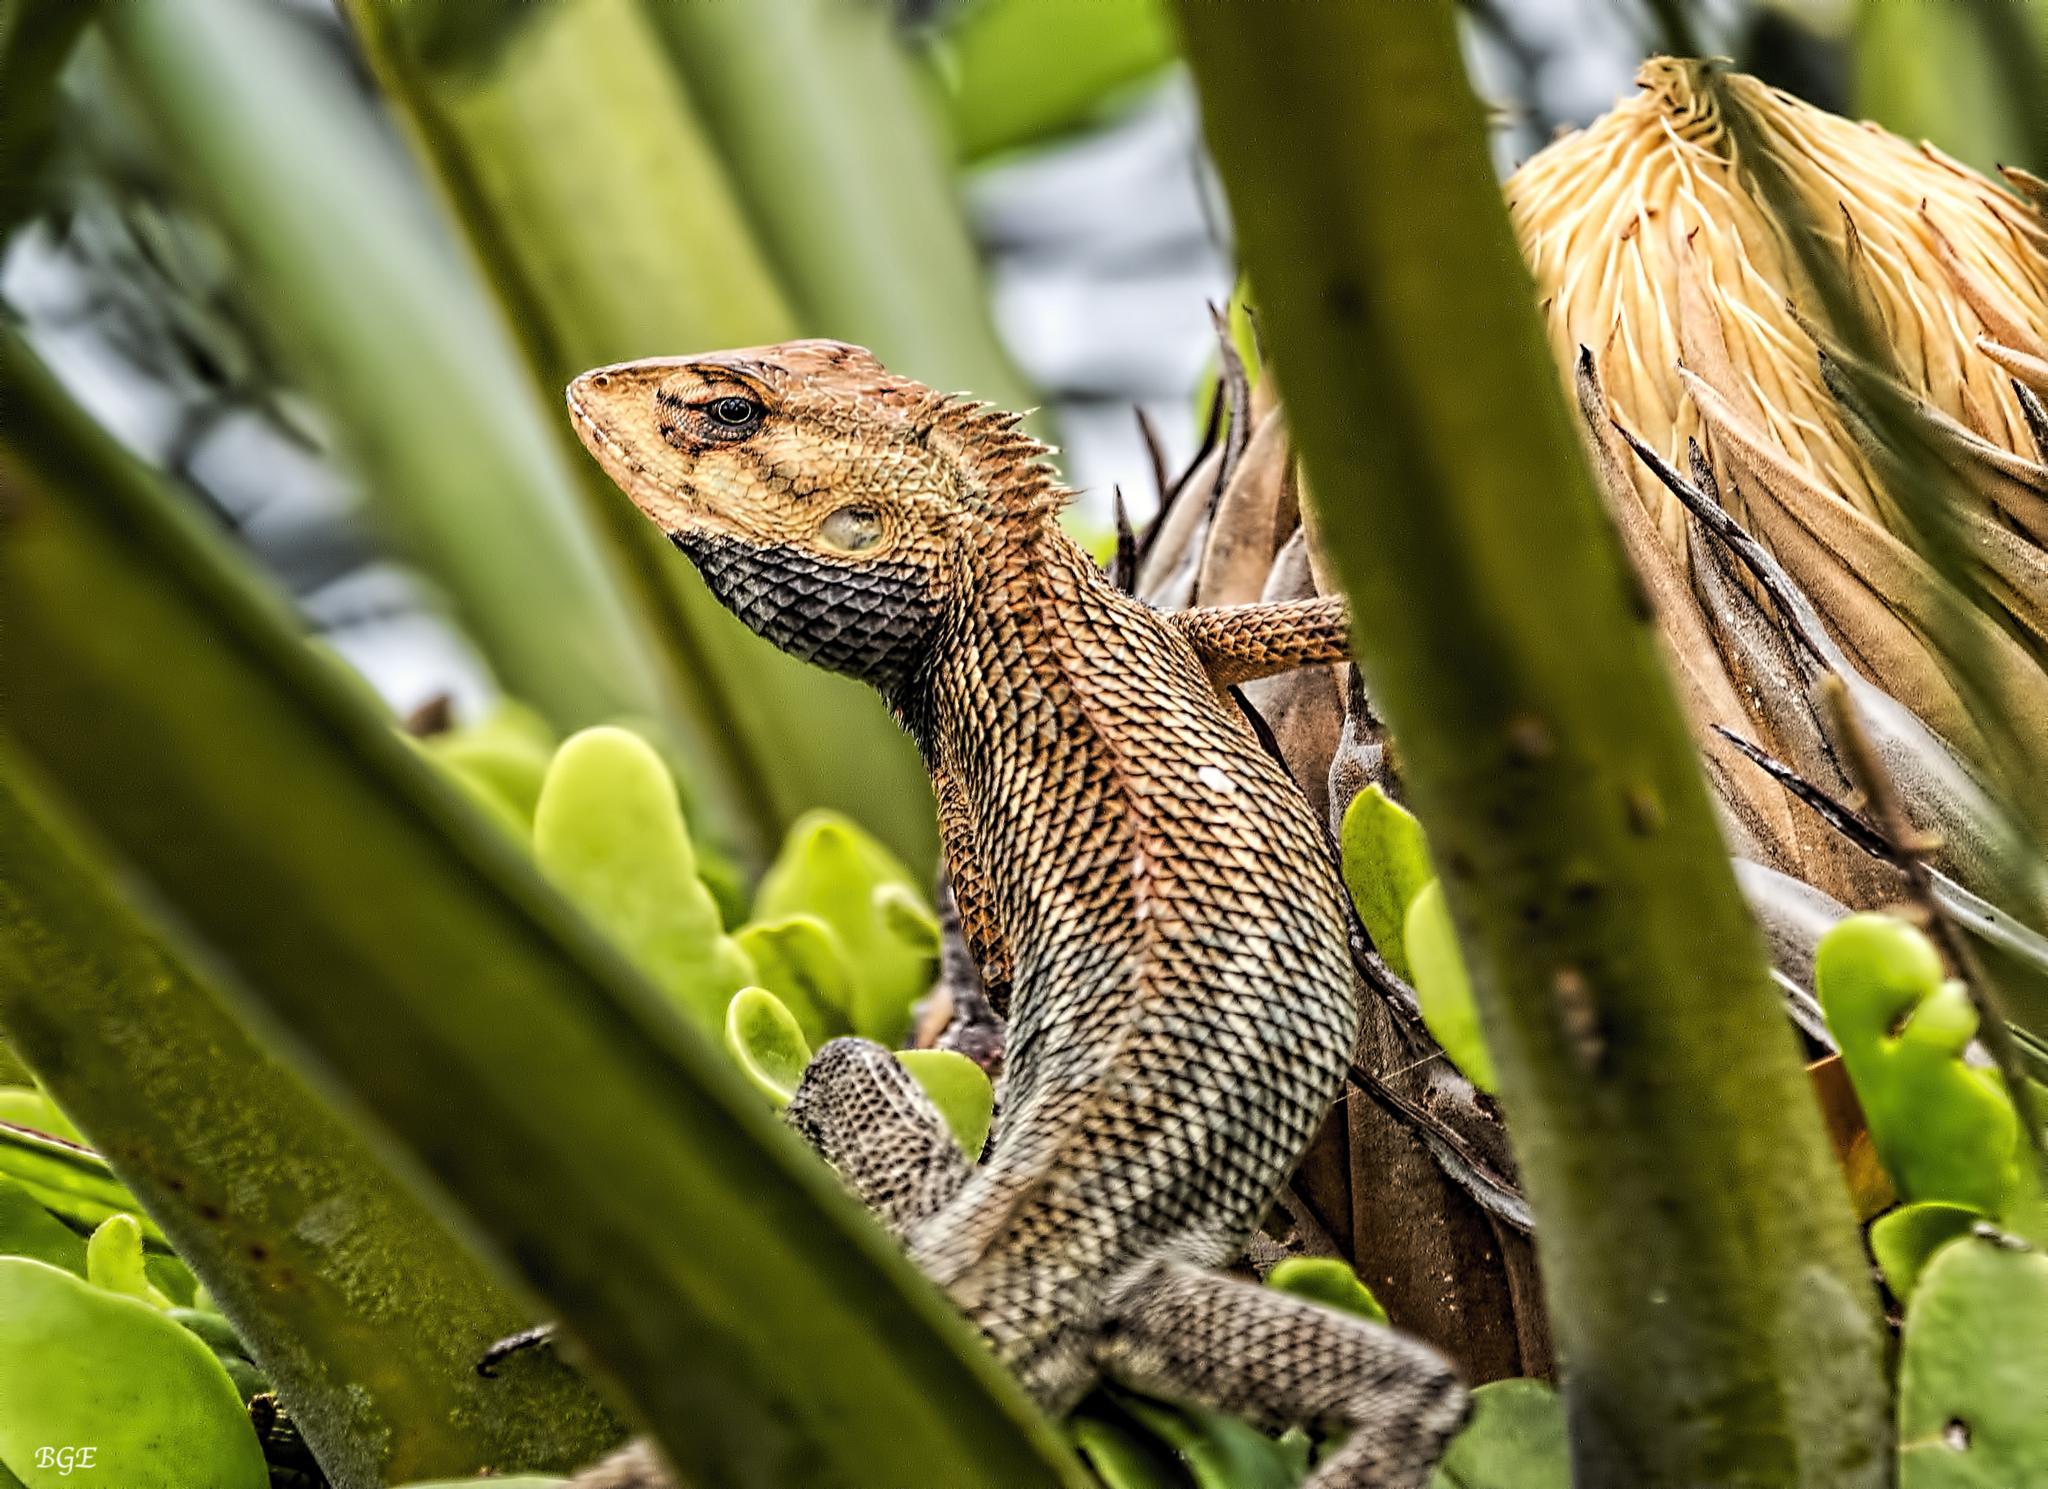 Garden Lizard by Brian